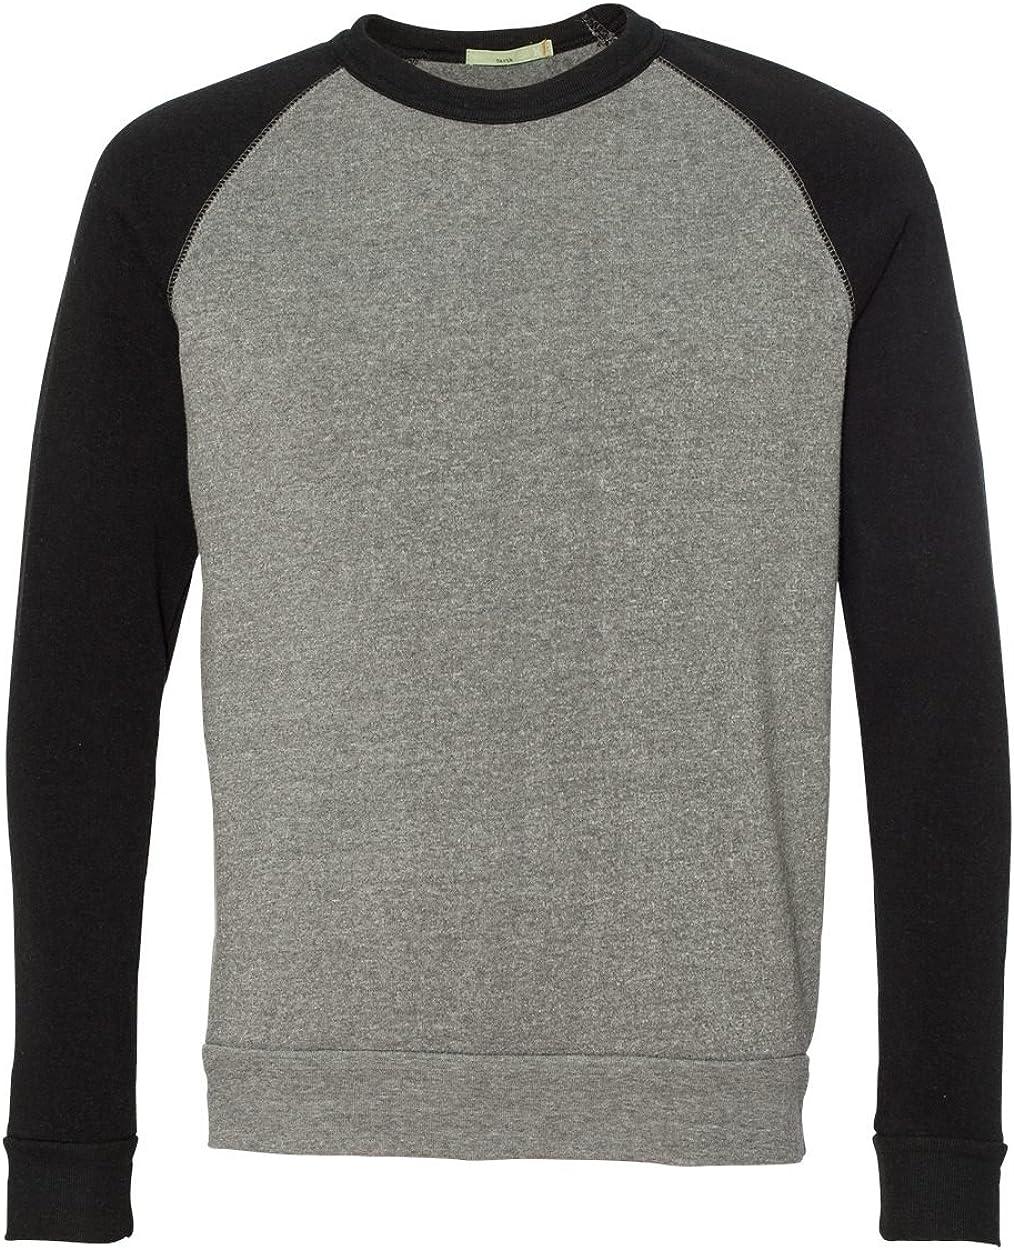 Alternative Mens Pullover Sweatshirt